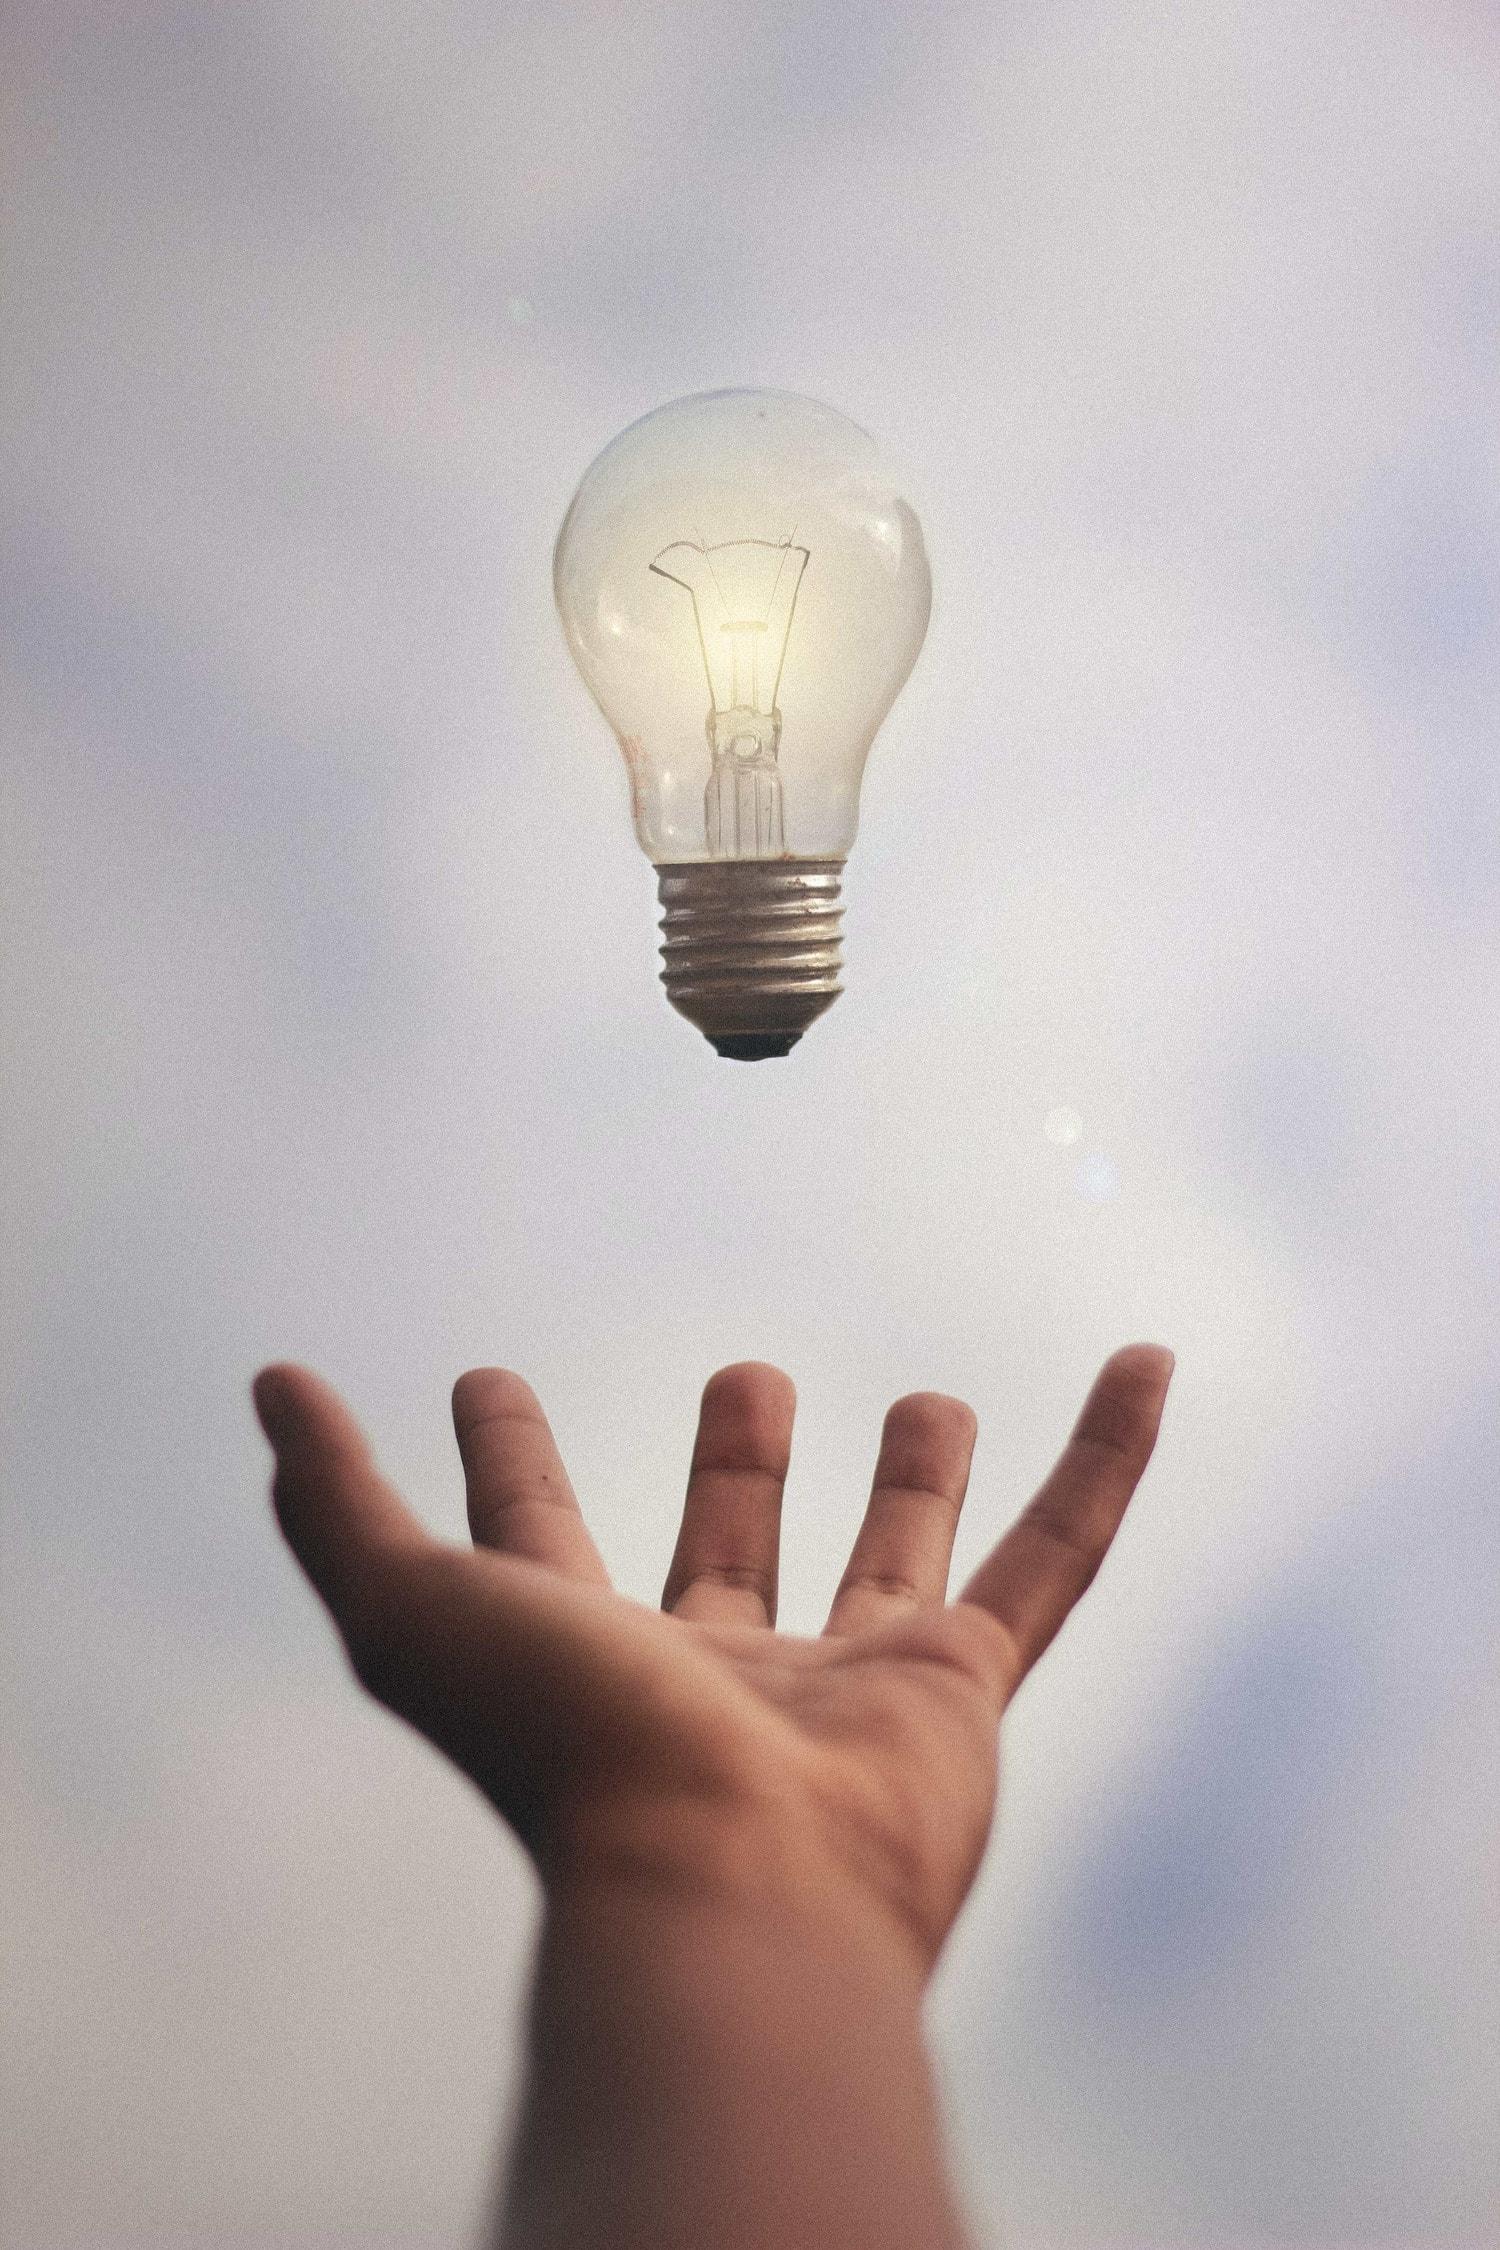 Bombilla en mano, ideas y creatividad